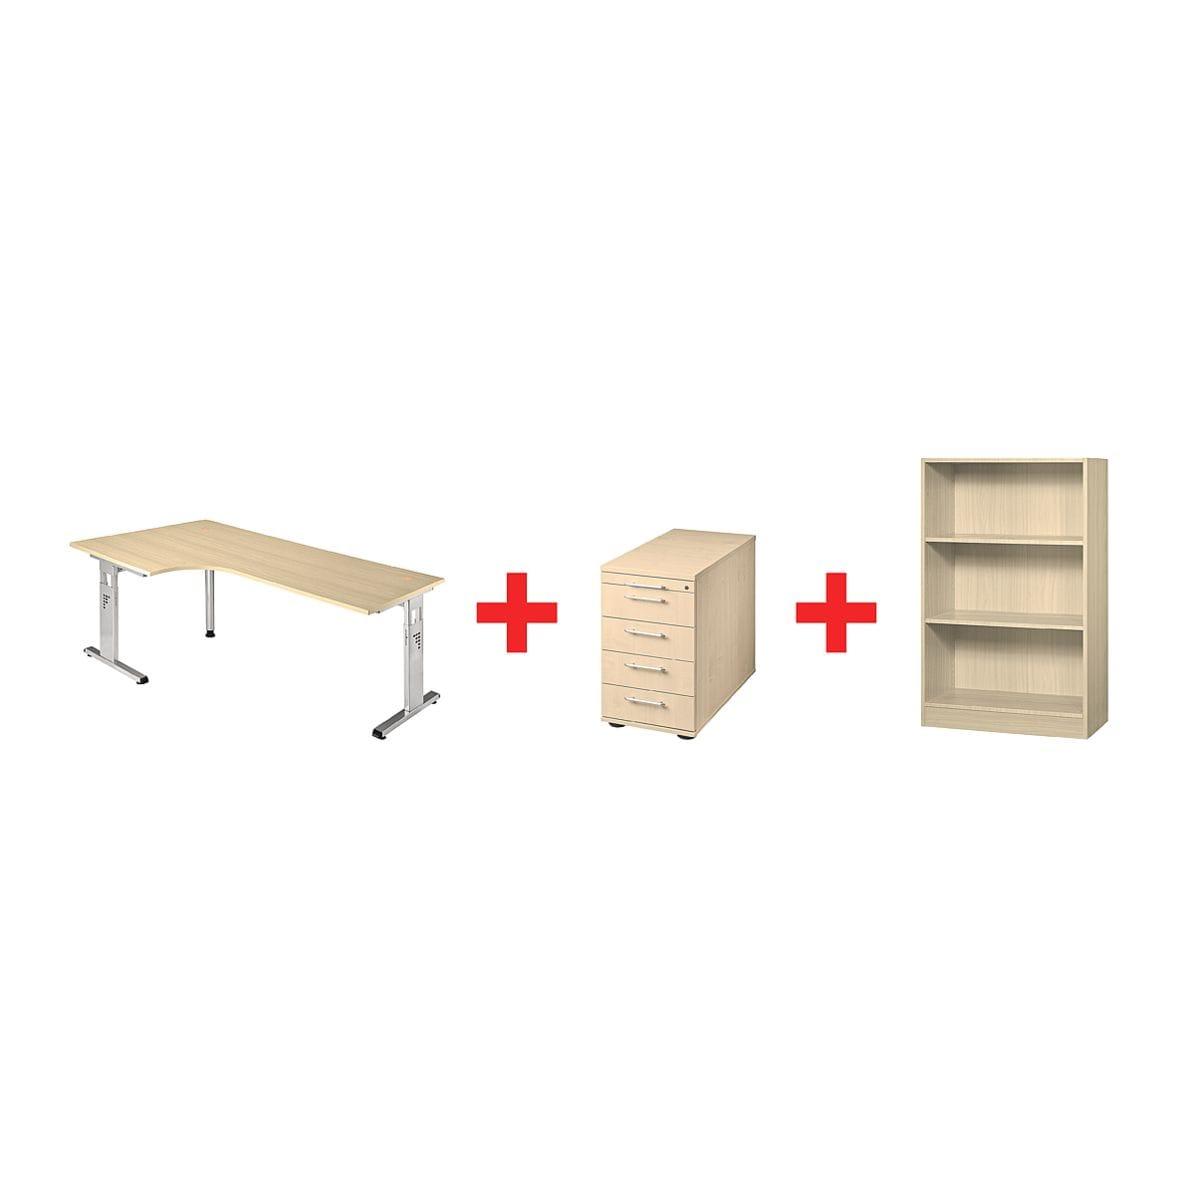 otto office premium m bel set o line 3 teilig mit winkelschreibtisch bei otto office. Black Bedroom Furniture Sets. Home Design Ideas